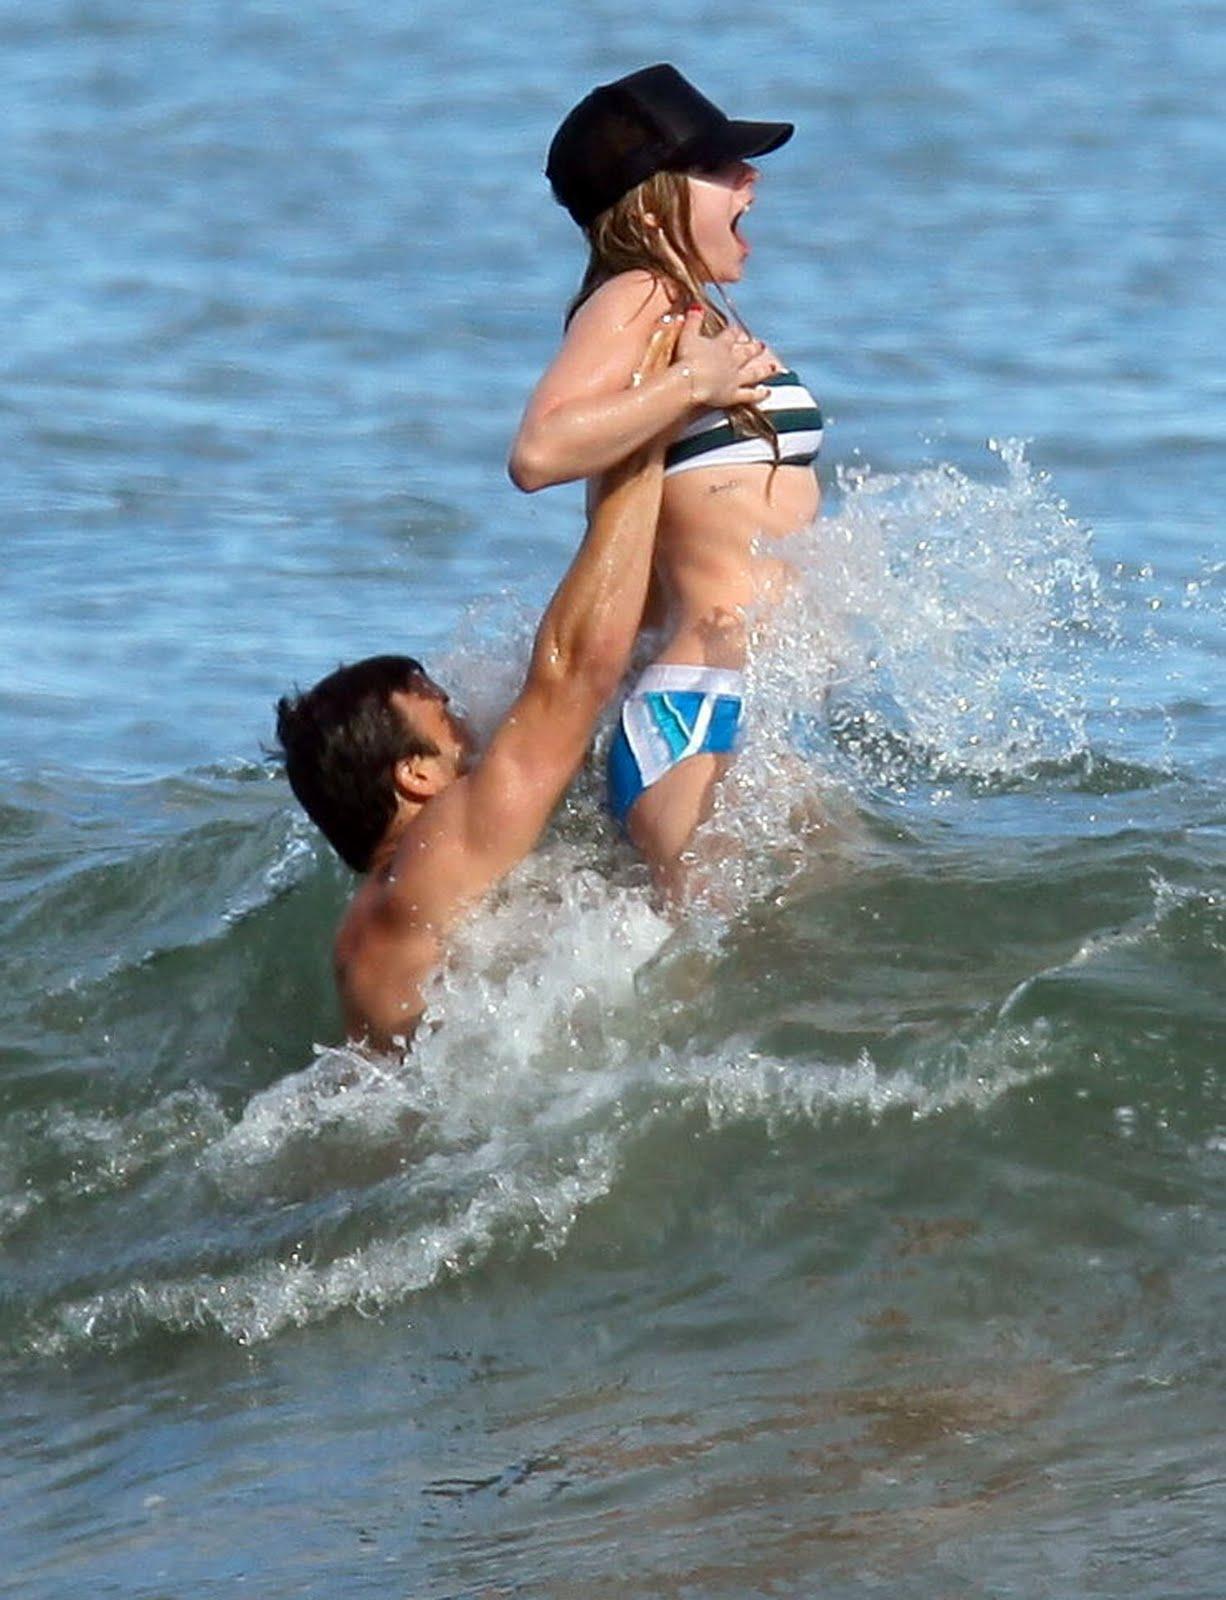 http://1.bp.blogspot.com/_niAq2f3R7as/TIu958zUE_I/AAAAAAAABpc/0mgtp1BWW-I/s1600/avril-lavigne-nipslip-candids-at-a-beach-in-malibu-nsfw-12.jpg